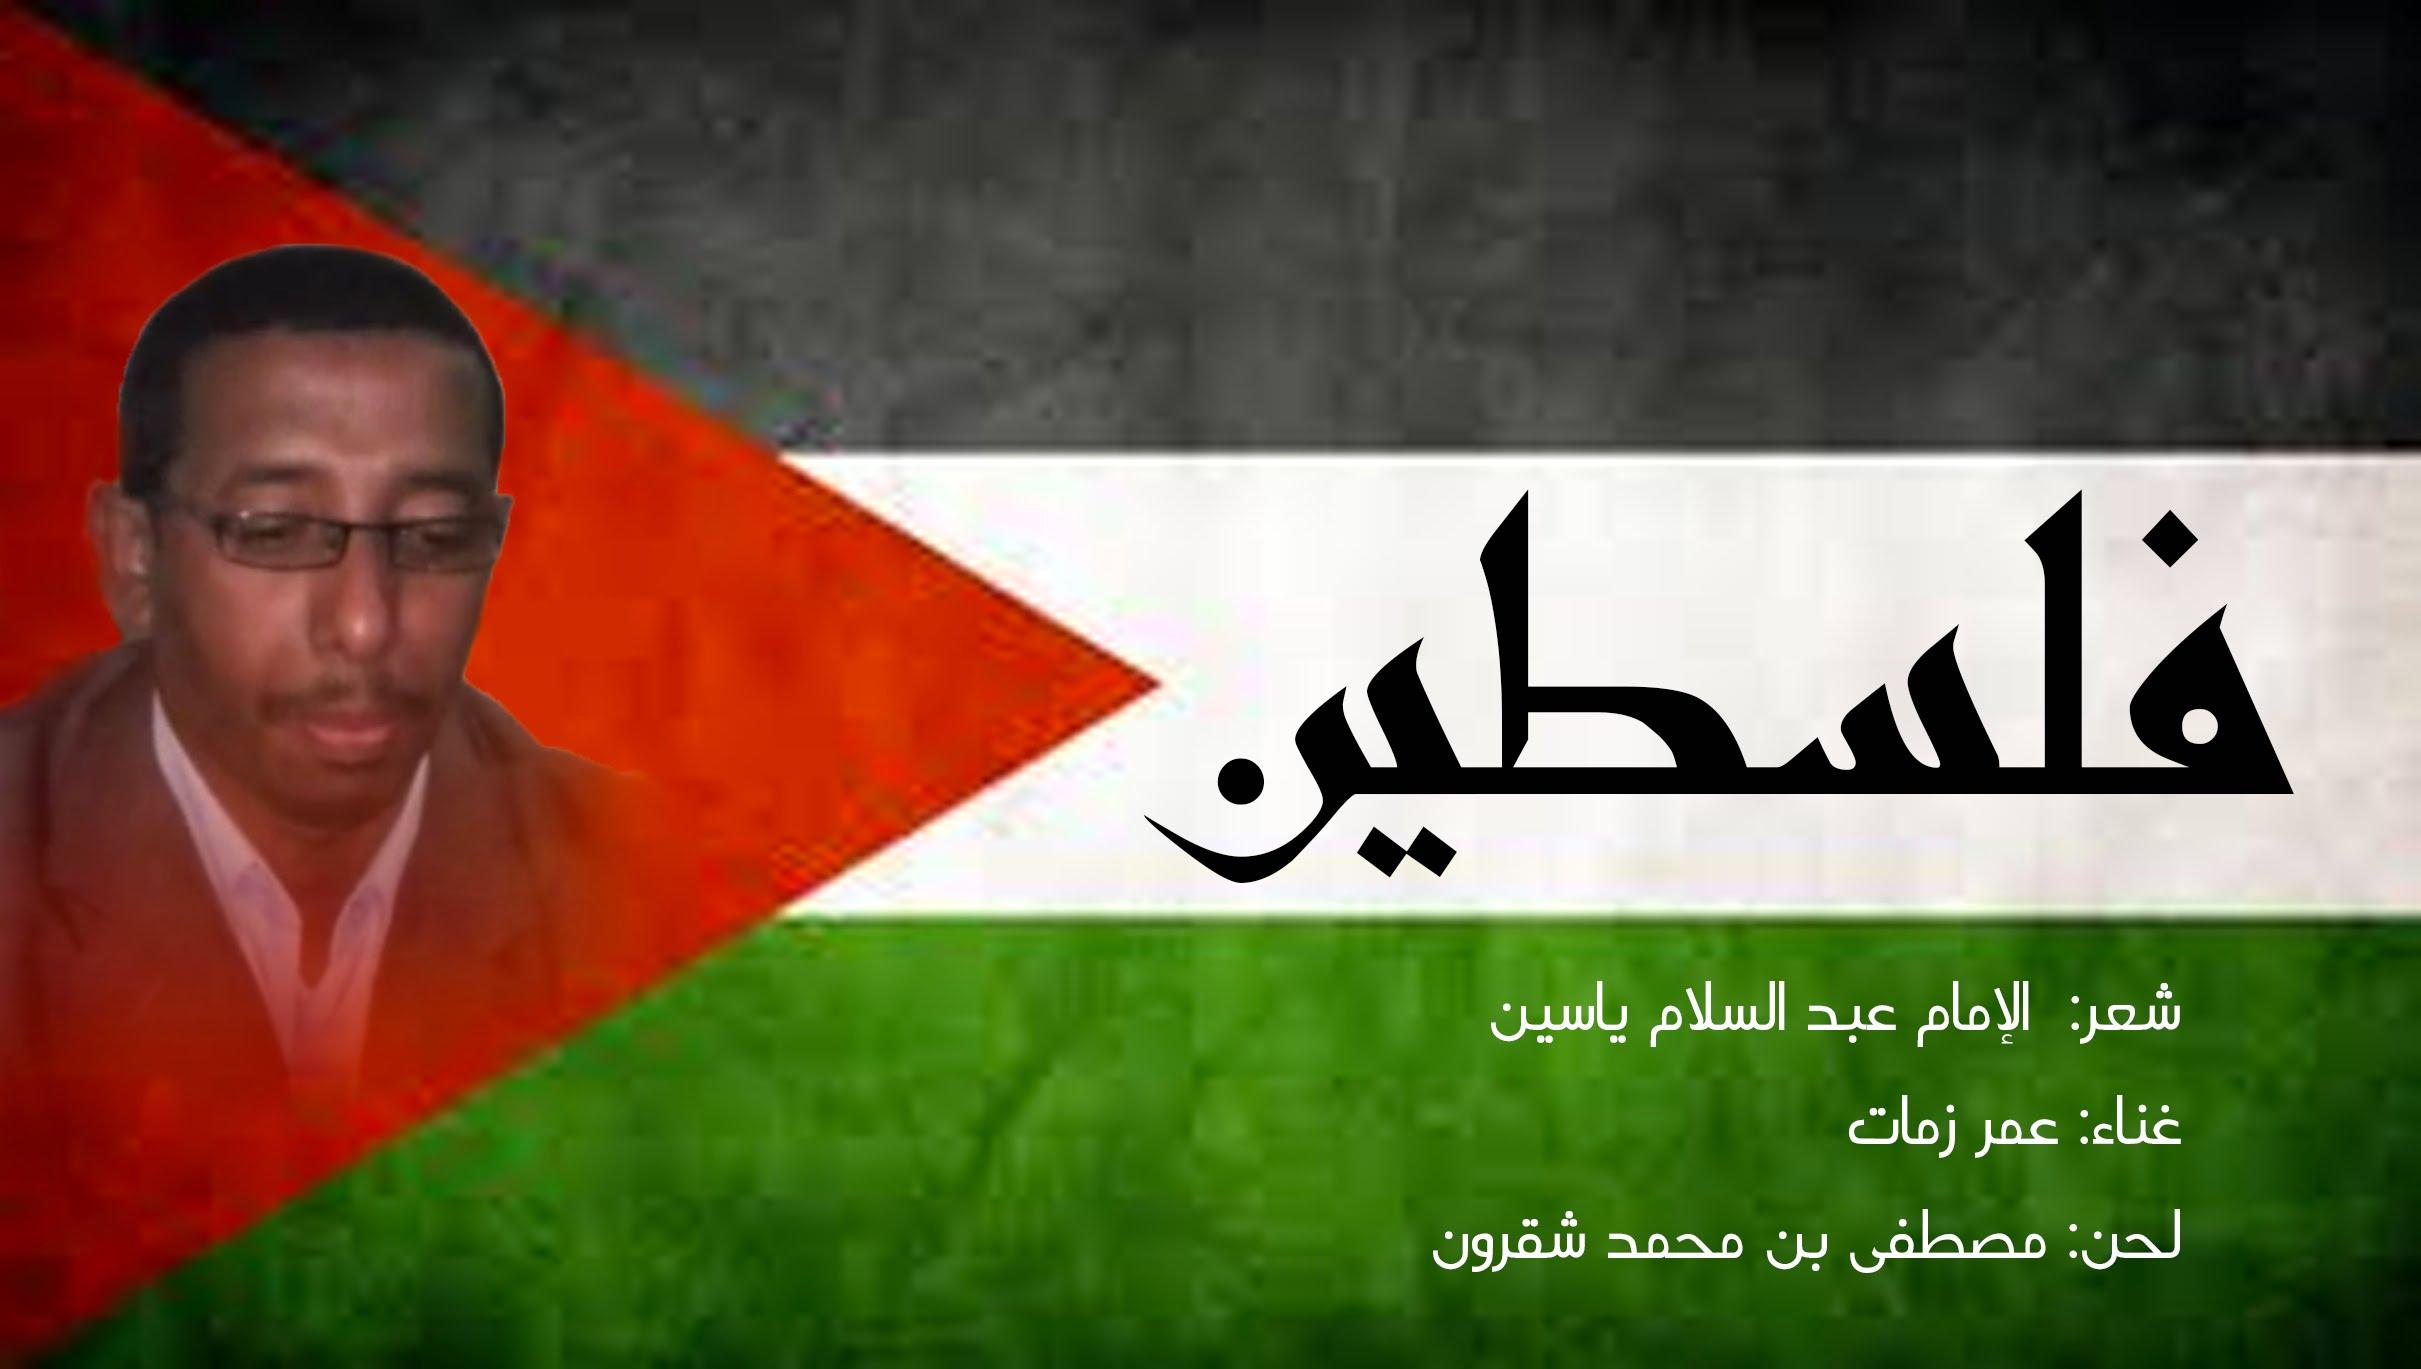 فلسطين: شعر| الإمام عبد السلام ياسين رحمه الله. أداء| عمر زمات رحمه الله.